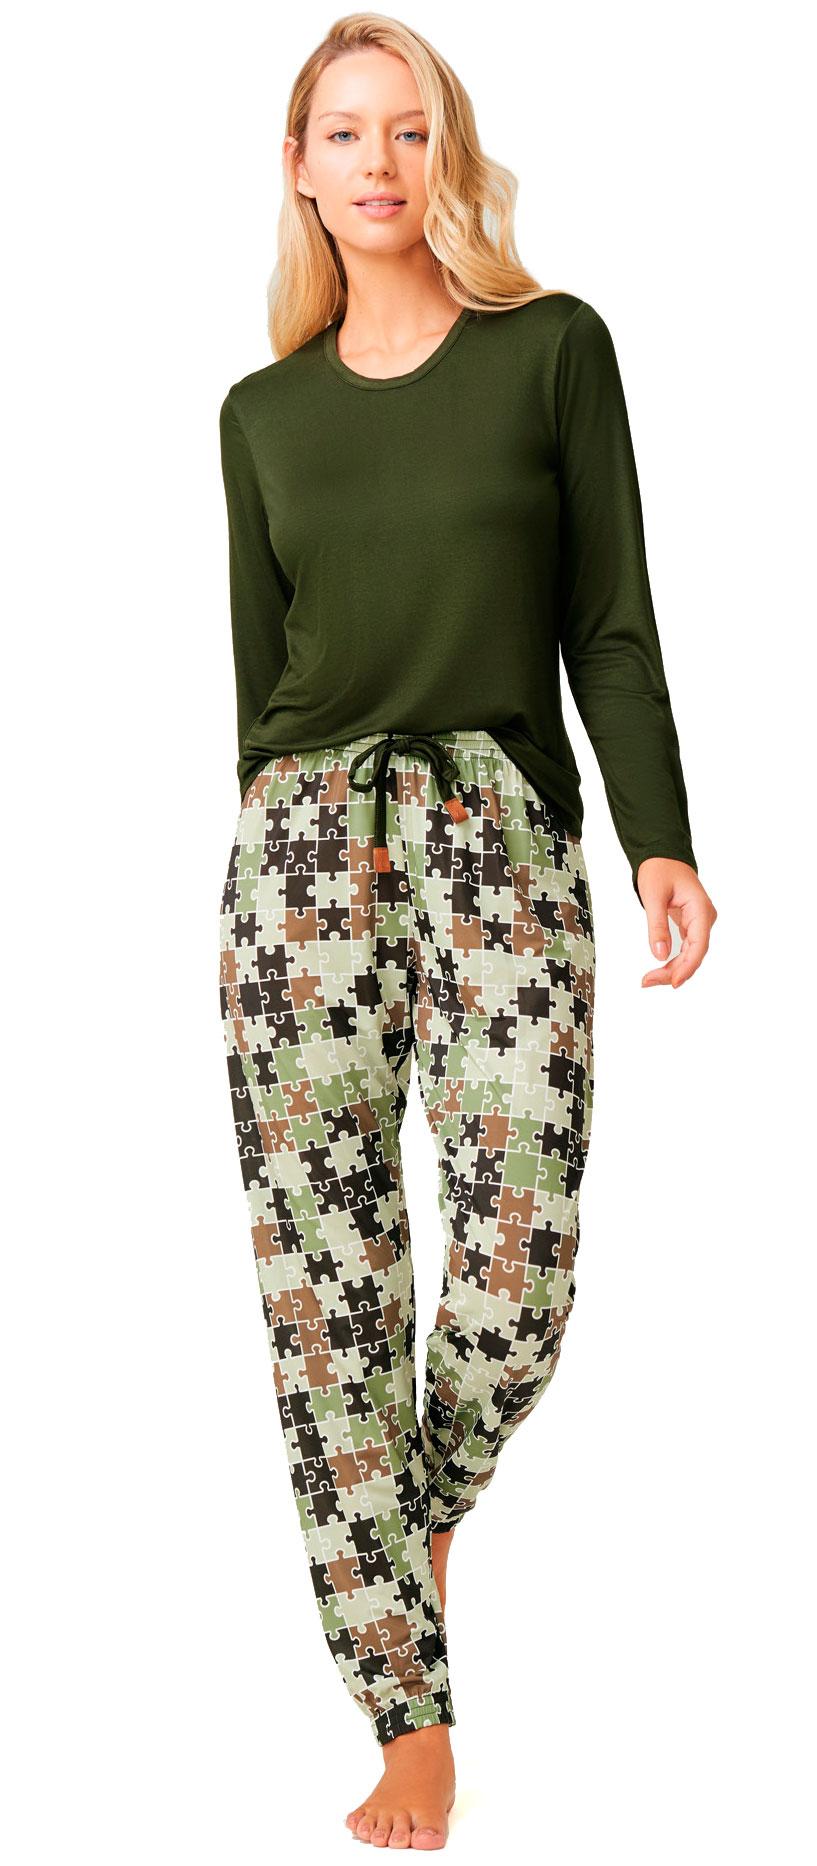 Pijama De Viscose Stretch Recco 14716vm